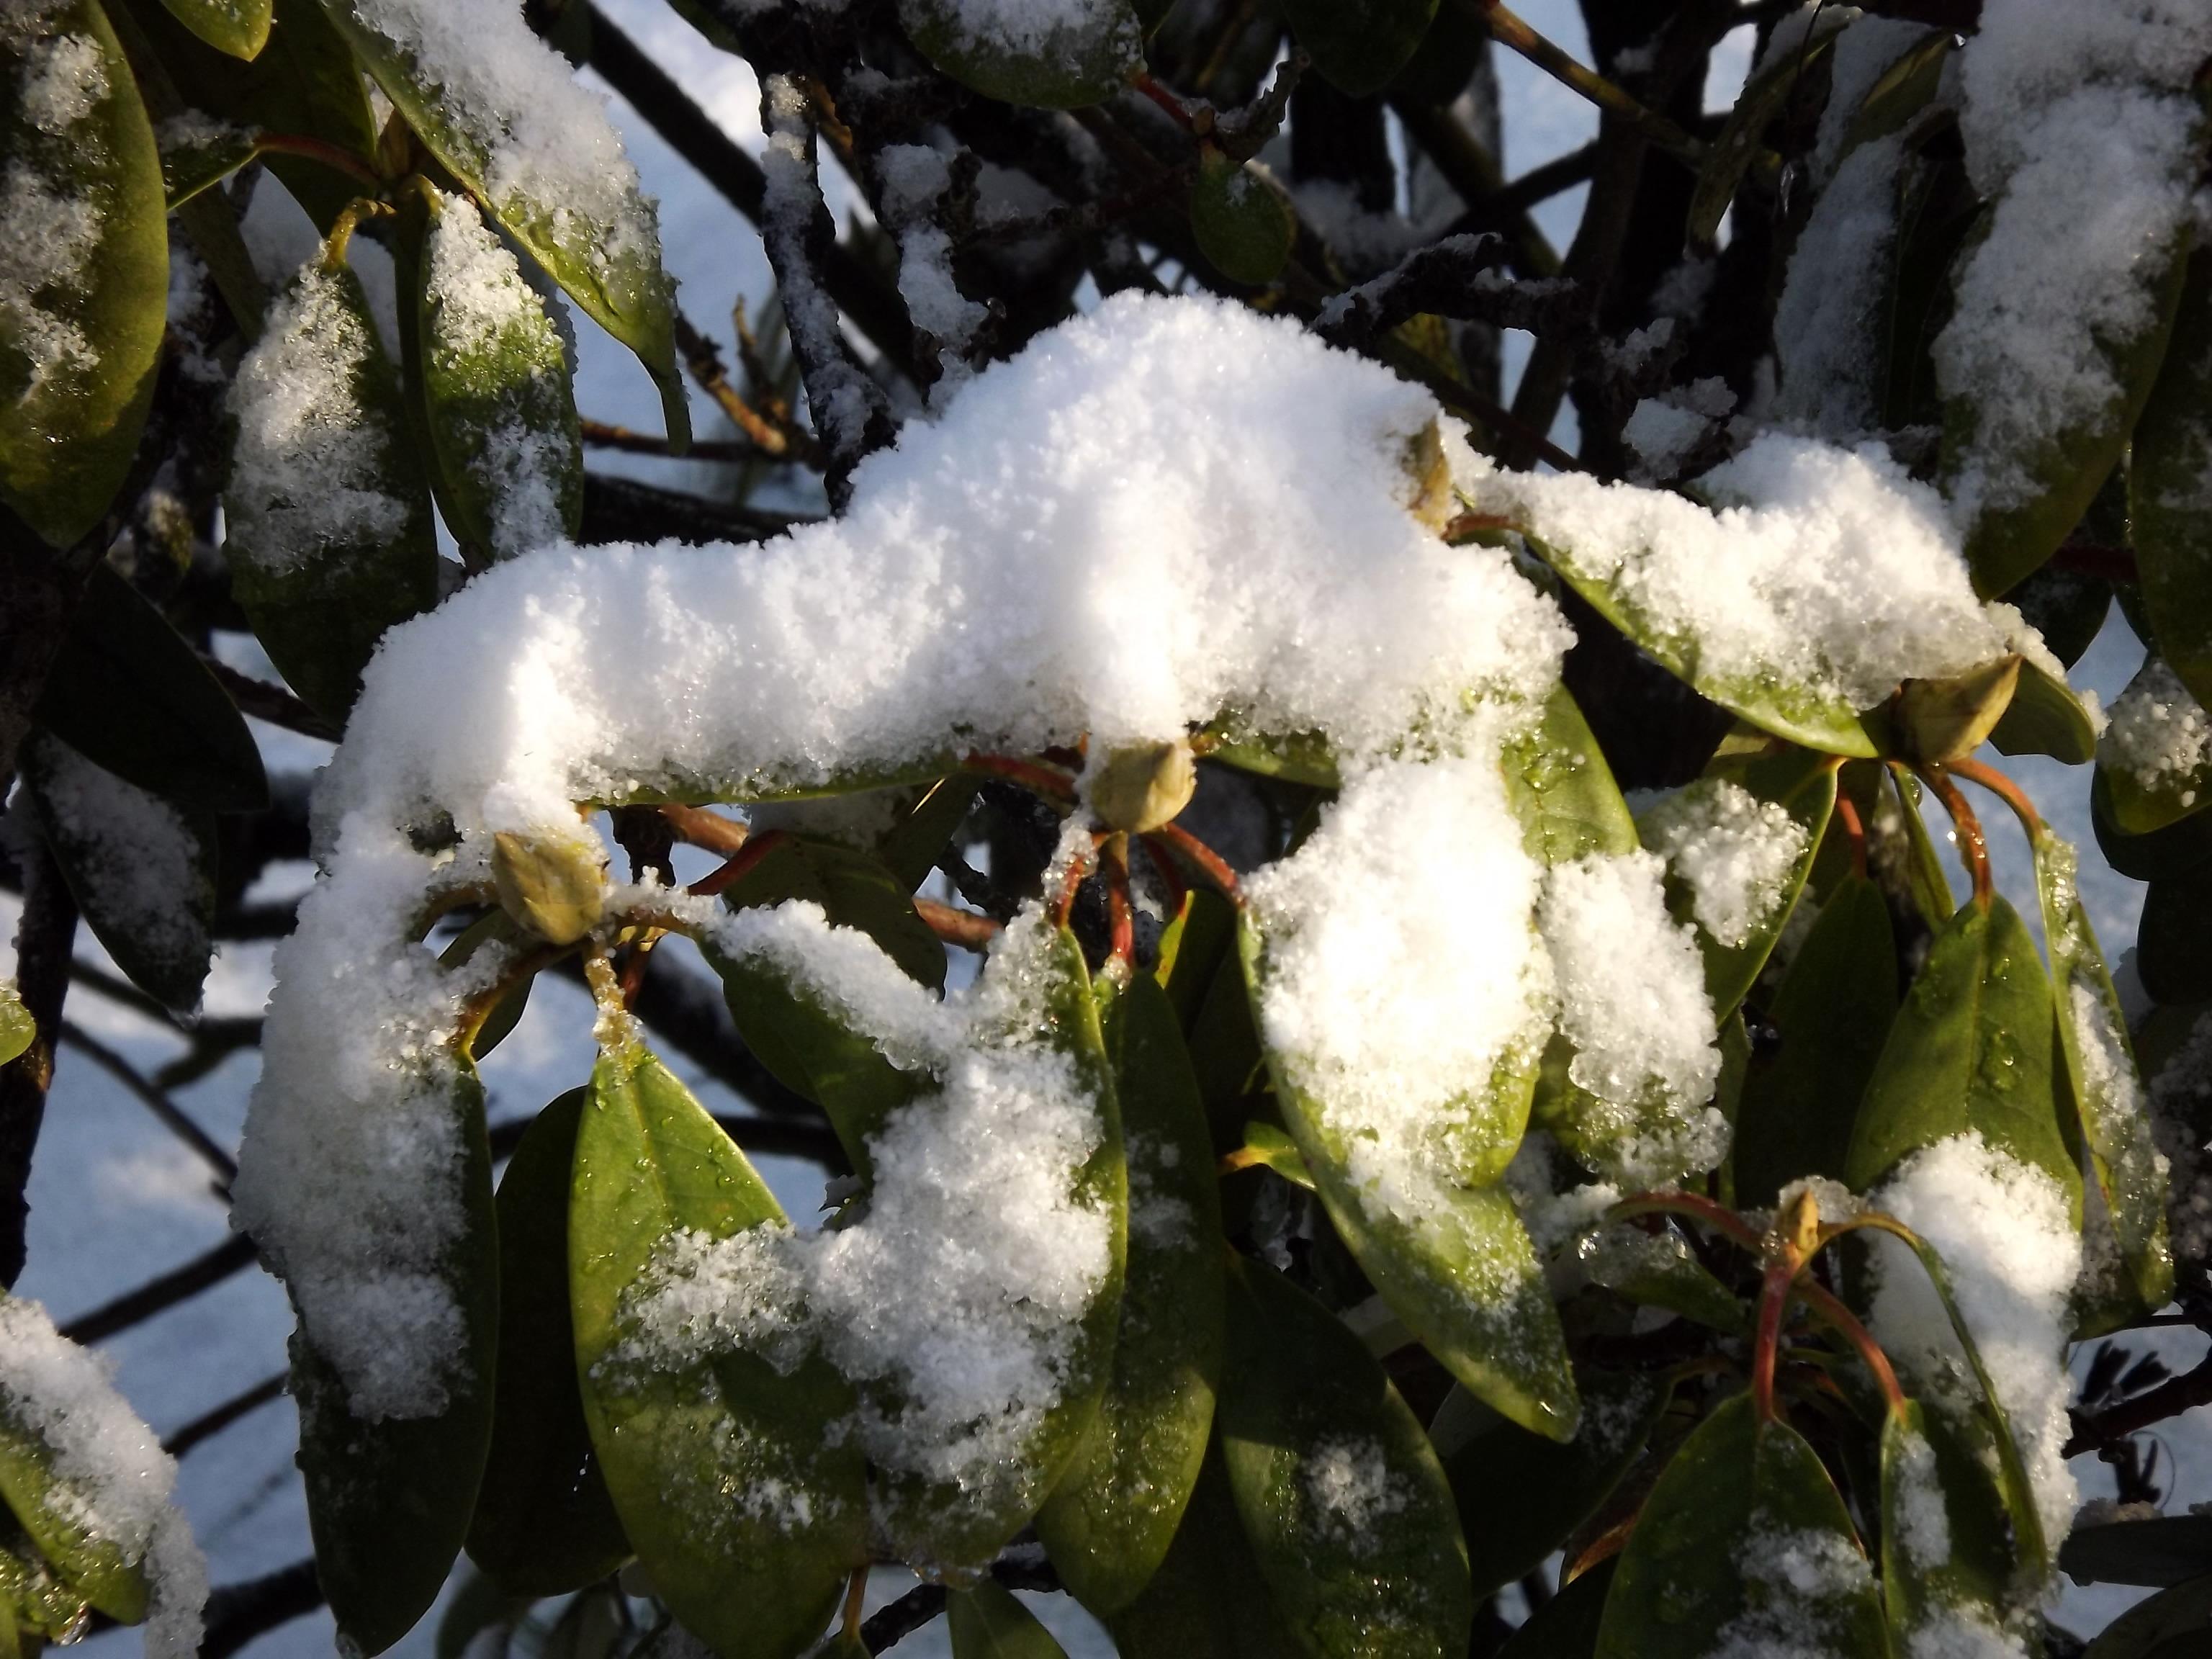 5740-schnee-auf-gruenen-blaettern